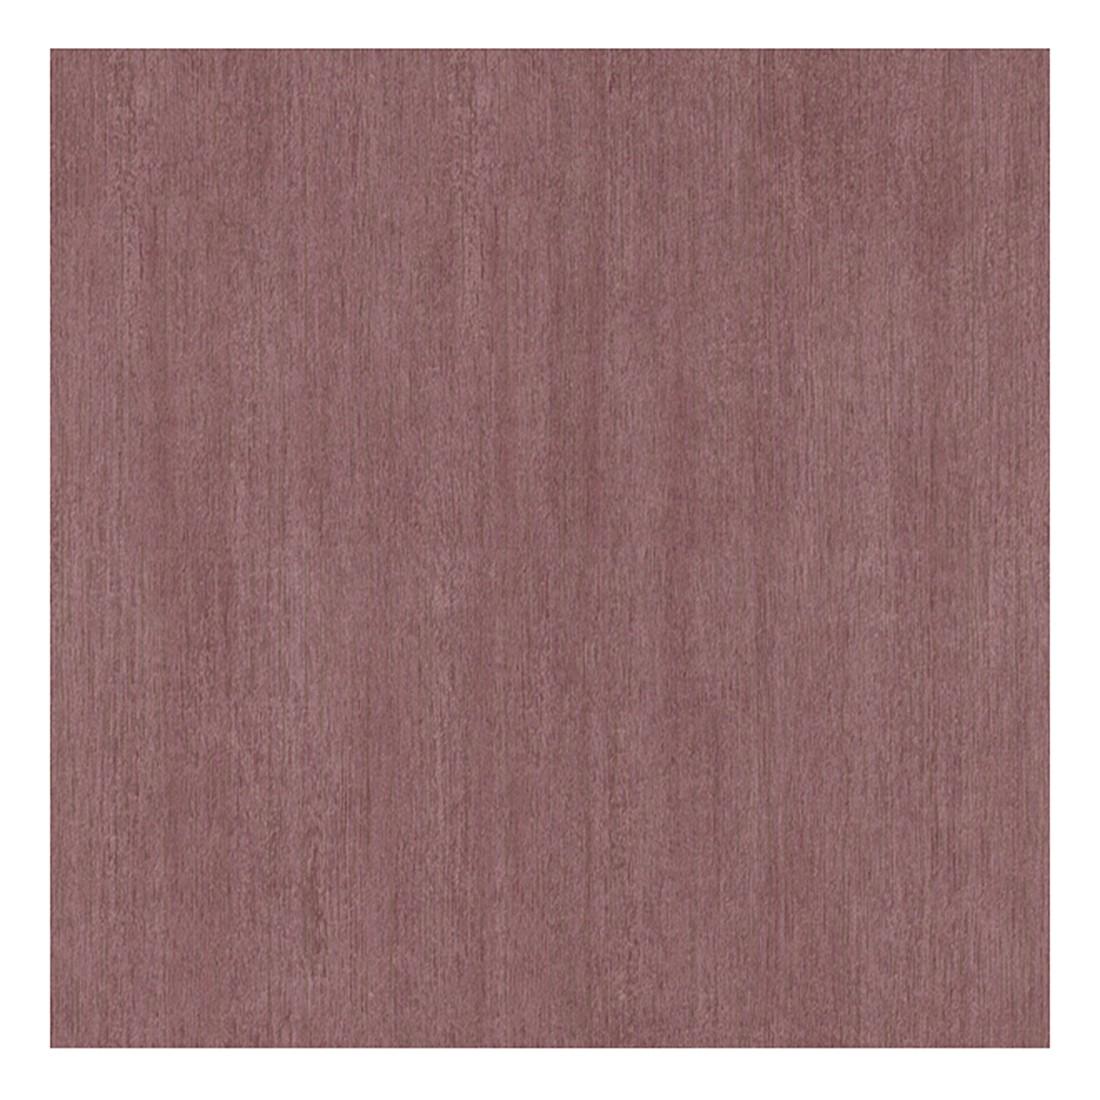 Tapete Bohemian – bordeauxviolett – metallic – glatt, Home24Deko bestellen